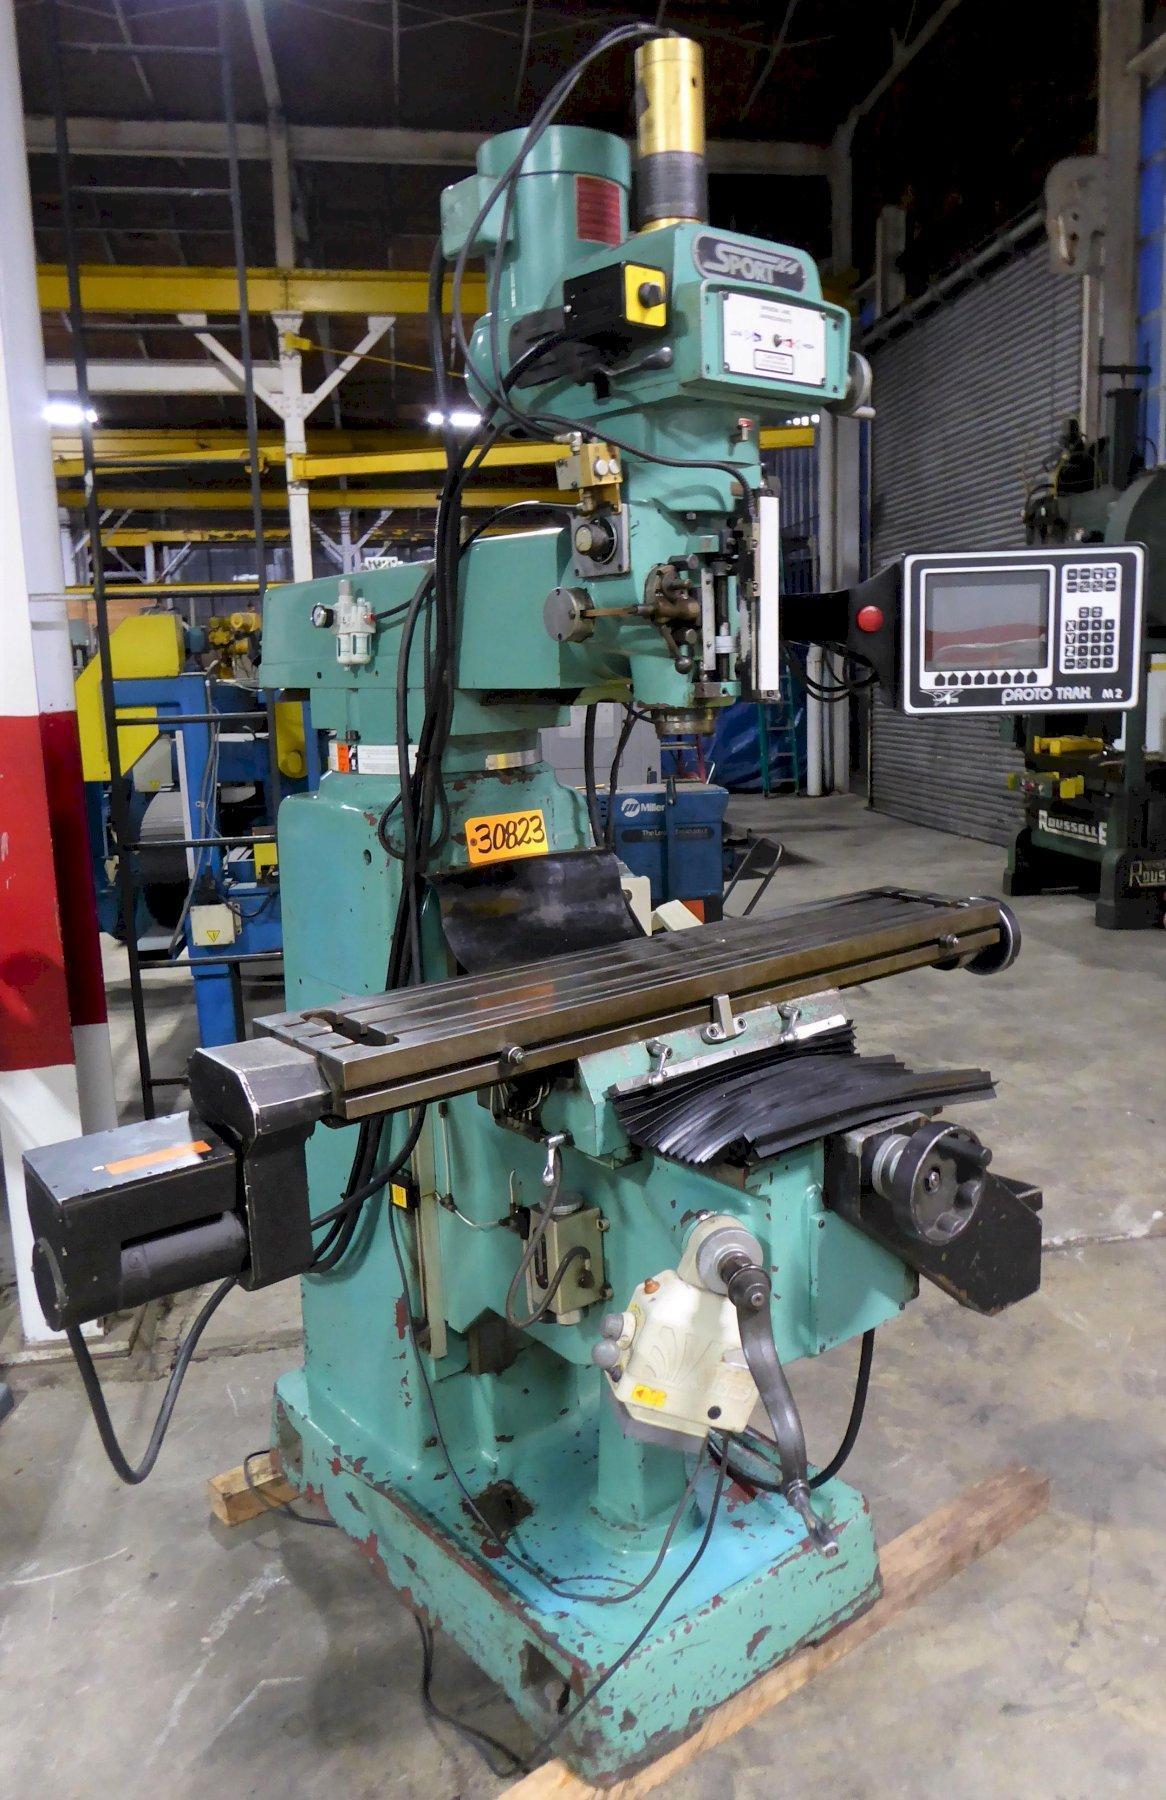 SWI Sport K4 CNC Mill, 10″ x 50″ Tbl., 40 Taper, MX2 Control, 5 HP